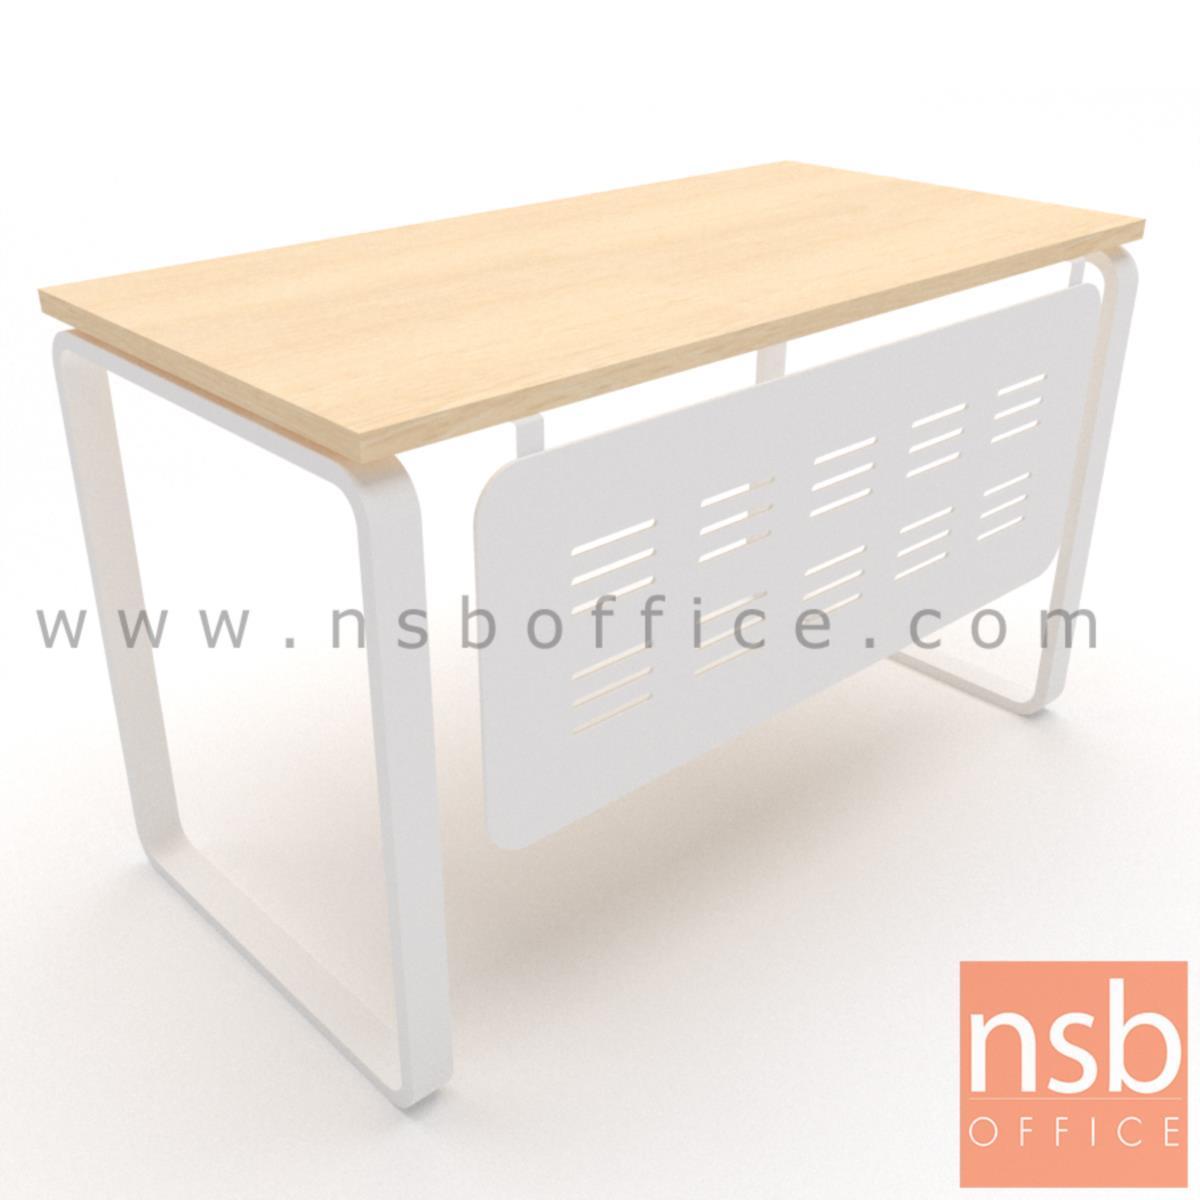 A10A098:โต๊ะทำงาน รุ่น Cinnamon (ชินาม่อน)  บังตาและโครงขาเหล็ก